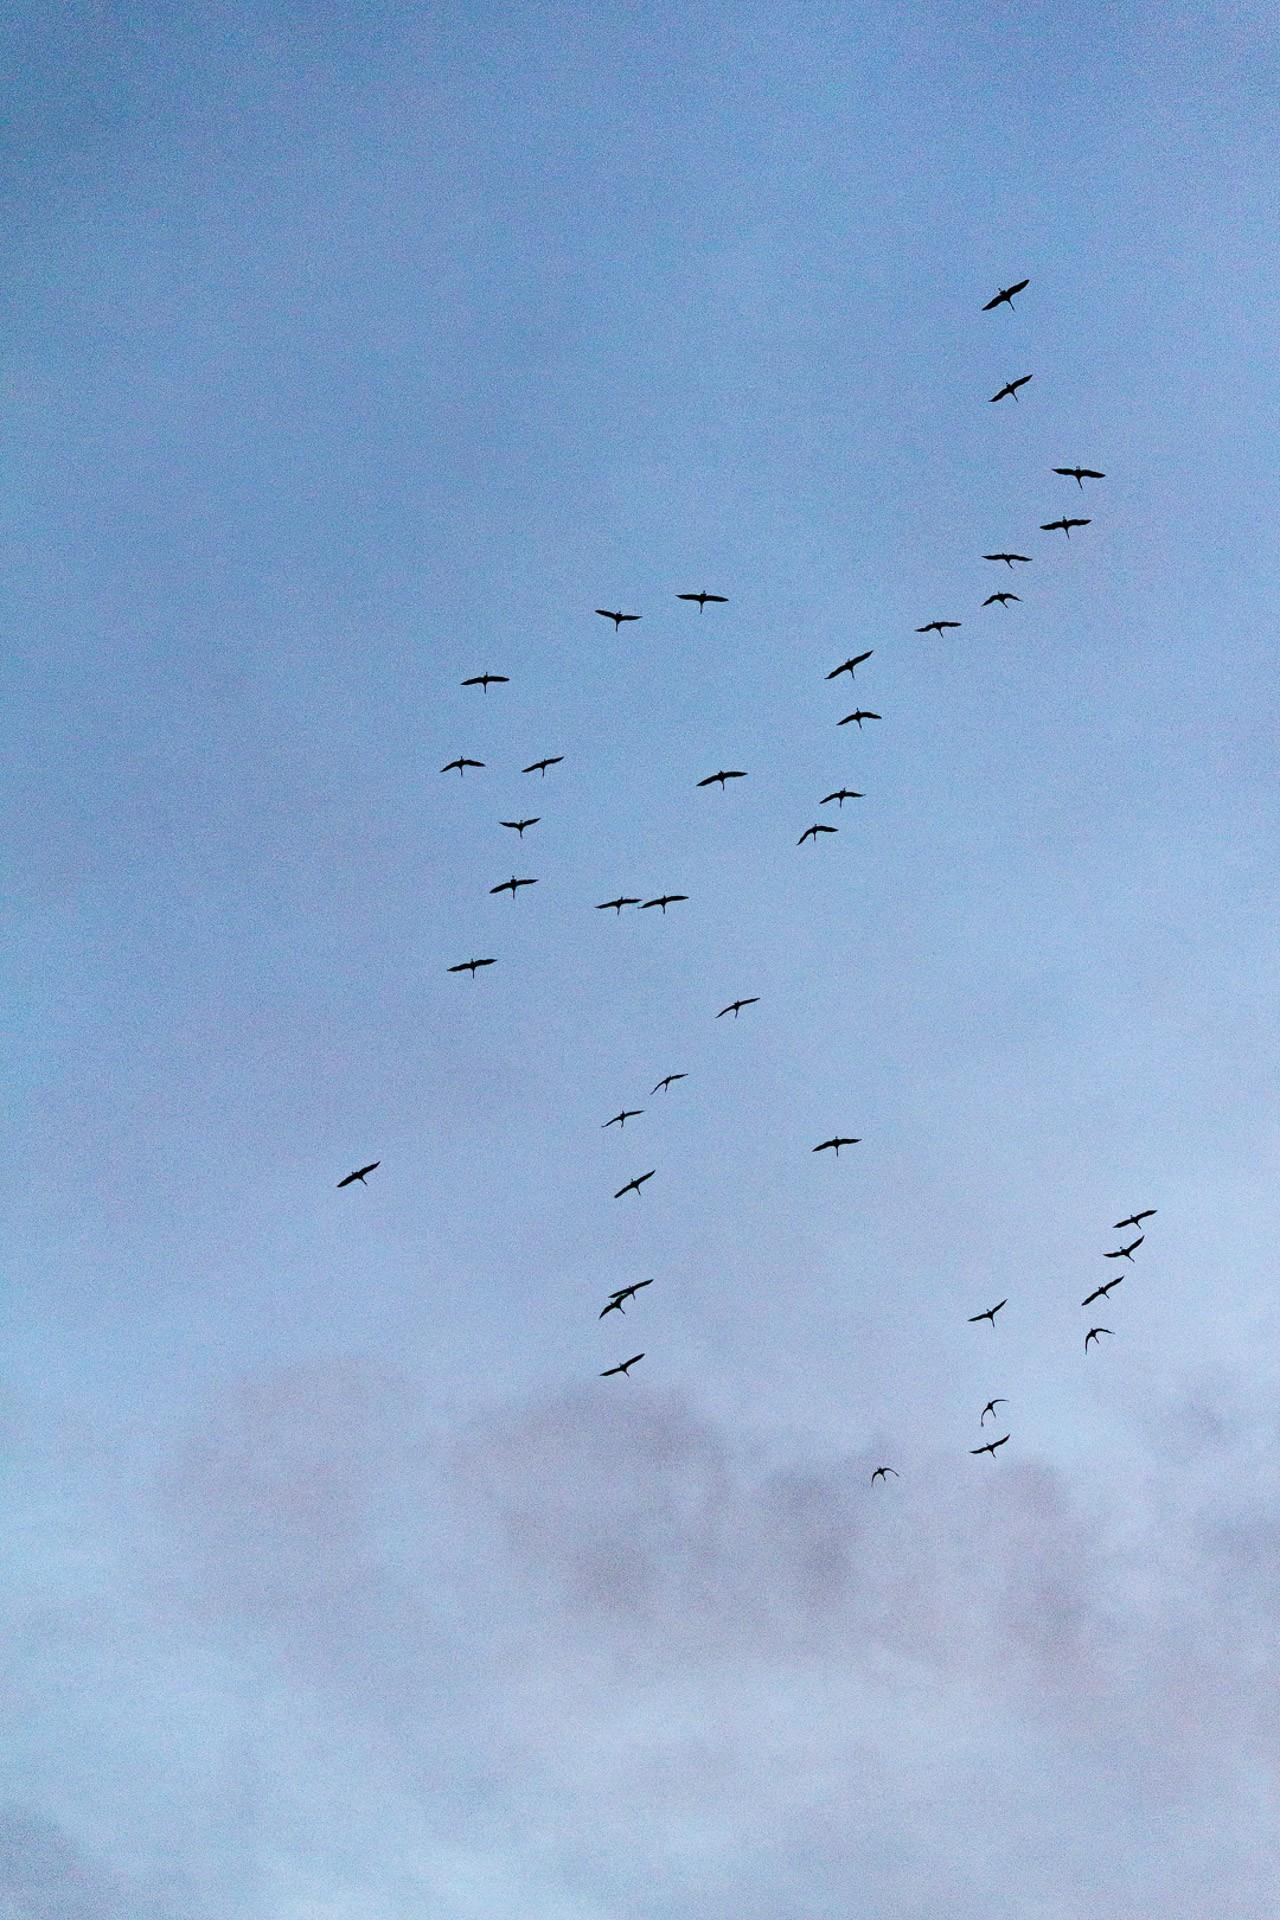 Vormpje kraanvogels - 9130kopie